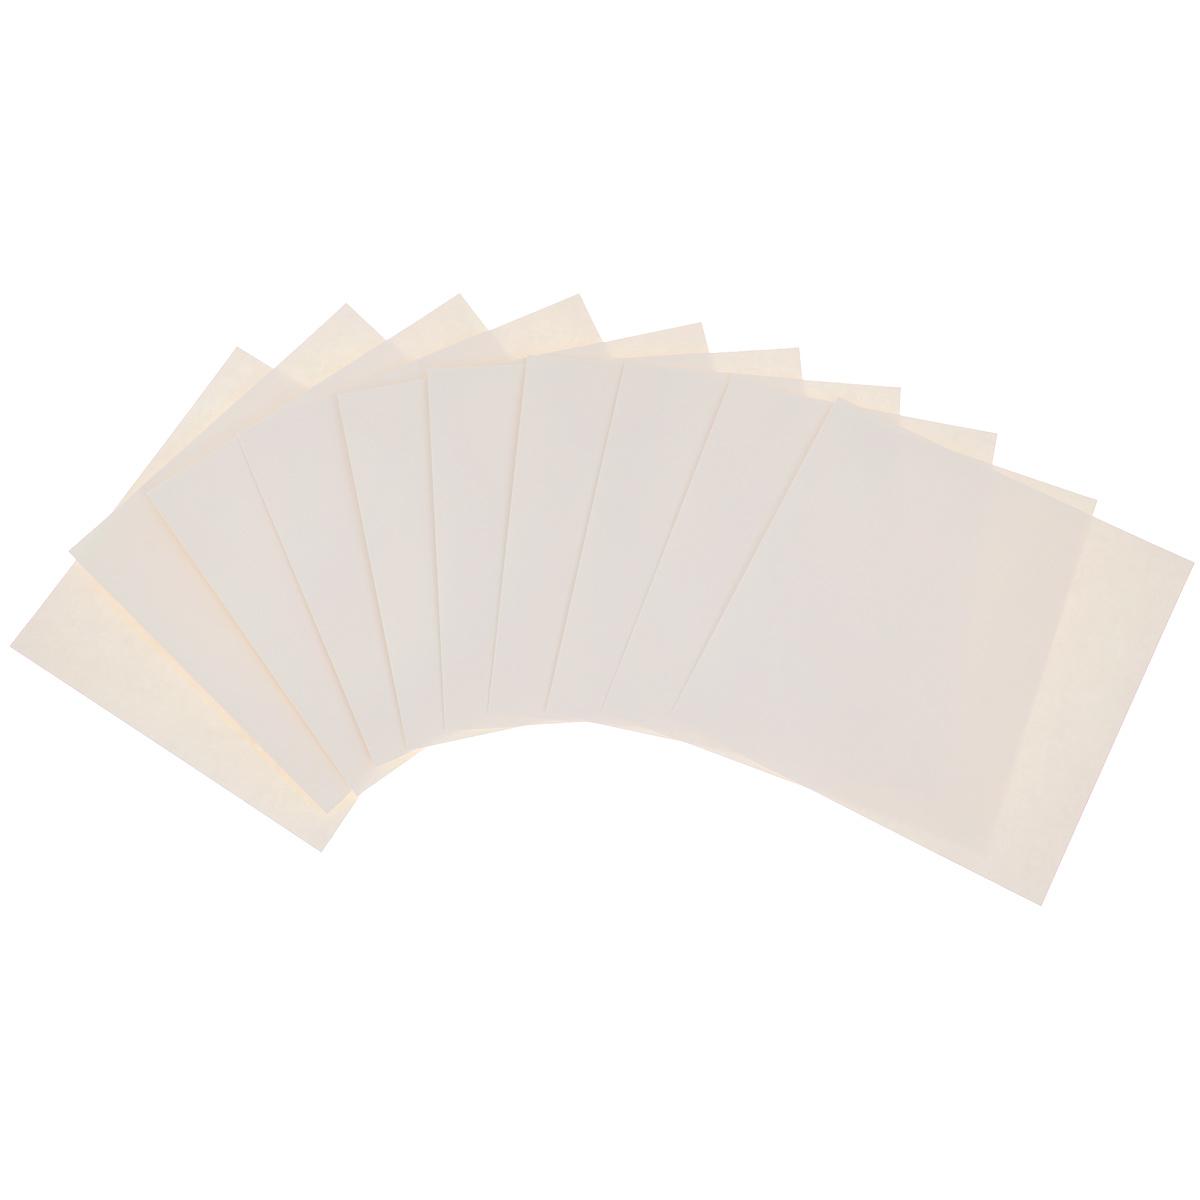 Набор обложек Zutter, 10,3 см х 10,3 см, 10 листов97775318Набор обложек Zutter позволит создать красивый альбом, блокнот или открытку ручной работы. Набор включает 10 листов однотонной плотной бумаги.Скрапбукинг - это хобби, которое способно приносить массу приятных эмоций не только человеку, который этим занимается, но и его близким, друзьям, родным. Это невероятно увлекательное занятие, которое поможет вам сохранить наиболее памятные и яркие моменты вашей жизни, а также интересно оформить интерьер дома.Размер: 10,3 см х 10,3 см.